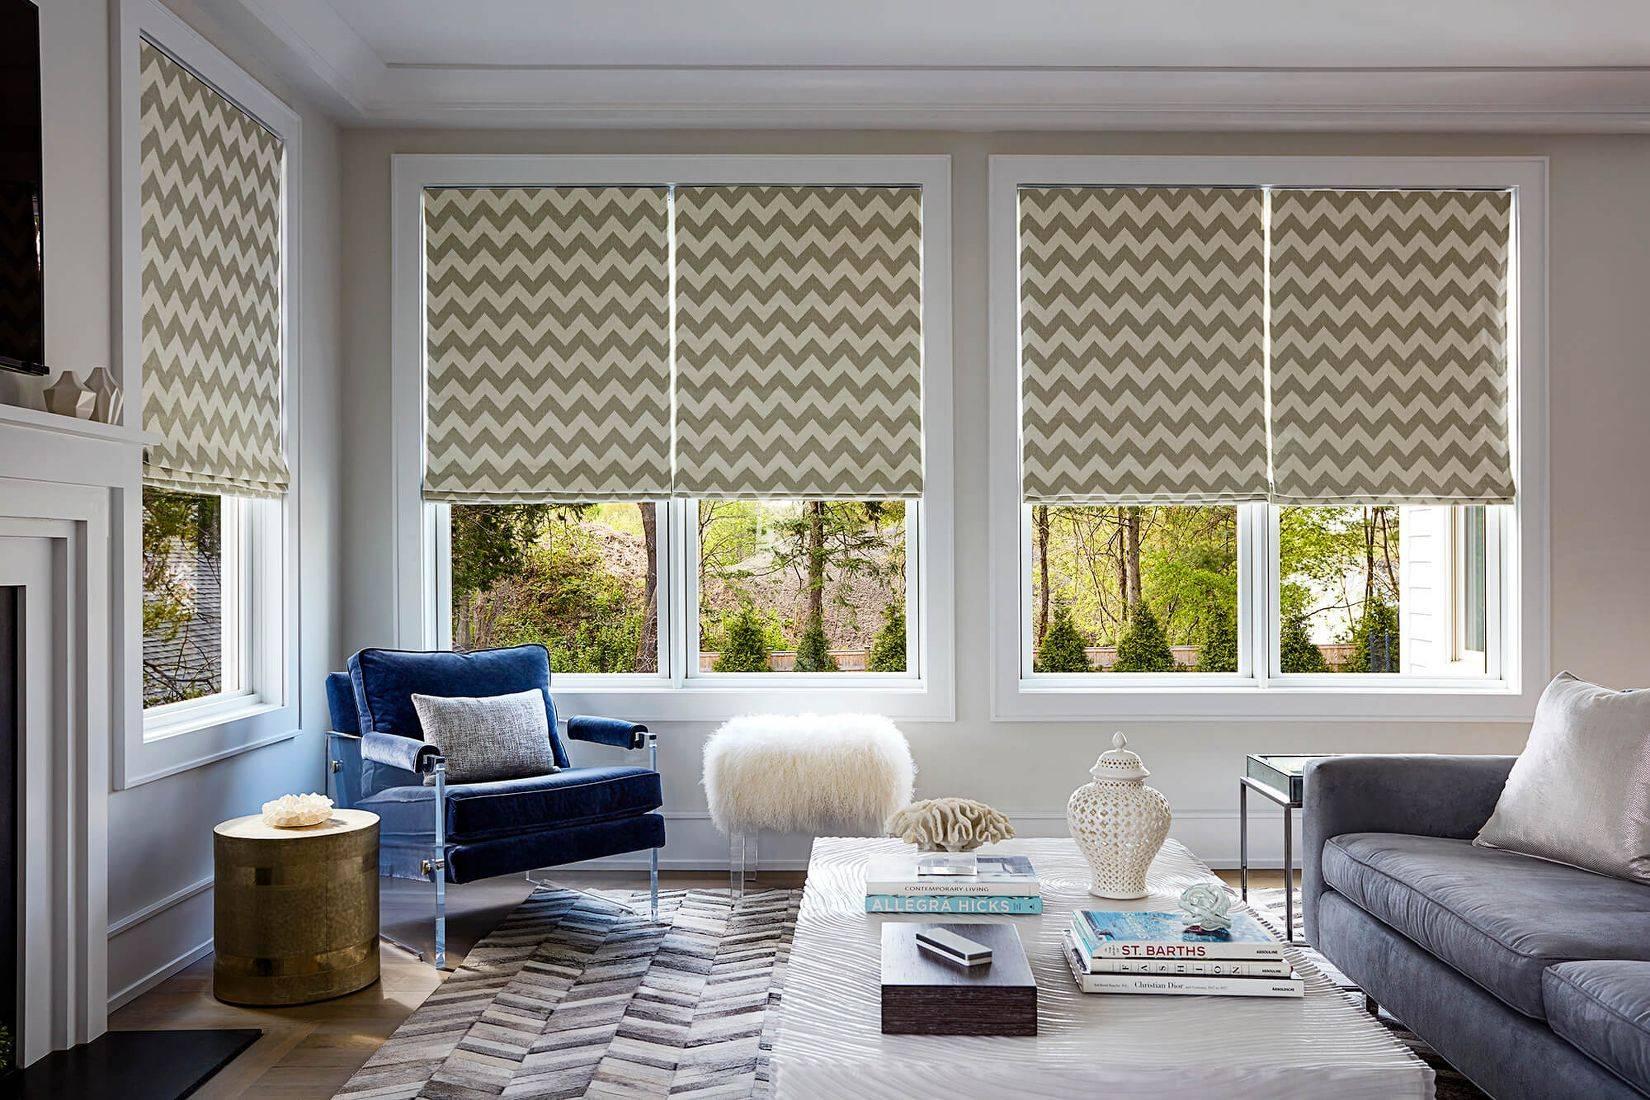 Дизайн римских штор в интерьере дома: тренды